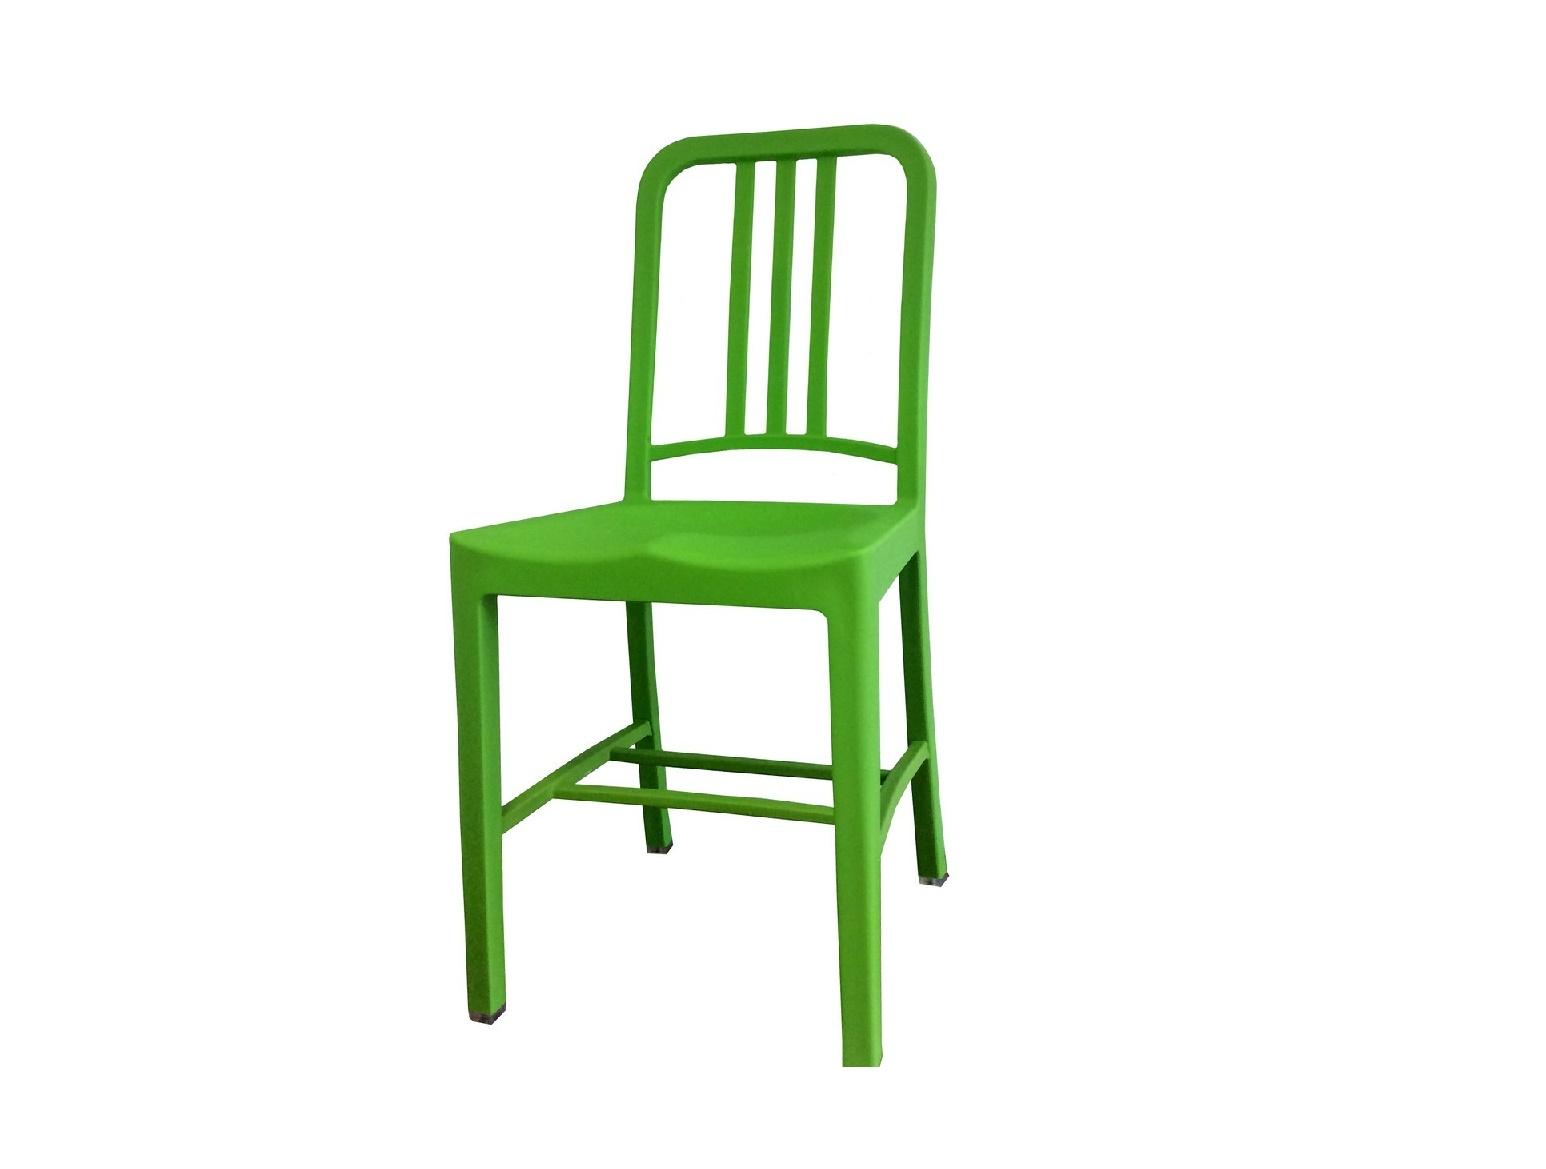 Стул МанонОбеденные стулья<br>&amp;lt;div style=&amp;quot;text-align: justify;&amp;quot;&amp;gt;&amp;lt;span style=&amp;quot;line-height: 25px;&amp;quot;&amp;gt;Минимализм - современный стиль, в котором ценится сочетание удобства и практичности. Именно поэтому лаконичный дизайн, простота форм и монохромность цветов станут идеальным дополнением любого интерьера. Стулья коллекции «Манон», изготовленные из прочного поликарбоната, идеальны в комплекте с обеденным столом&amp;lt;/span&amp;gt;&amp;lt;br&amp;gt;&amp;lt;/div&amp;gt;<br><br>Material: Пластик<br>Length см: 44<br>Width см: 39<br>Height см: 88